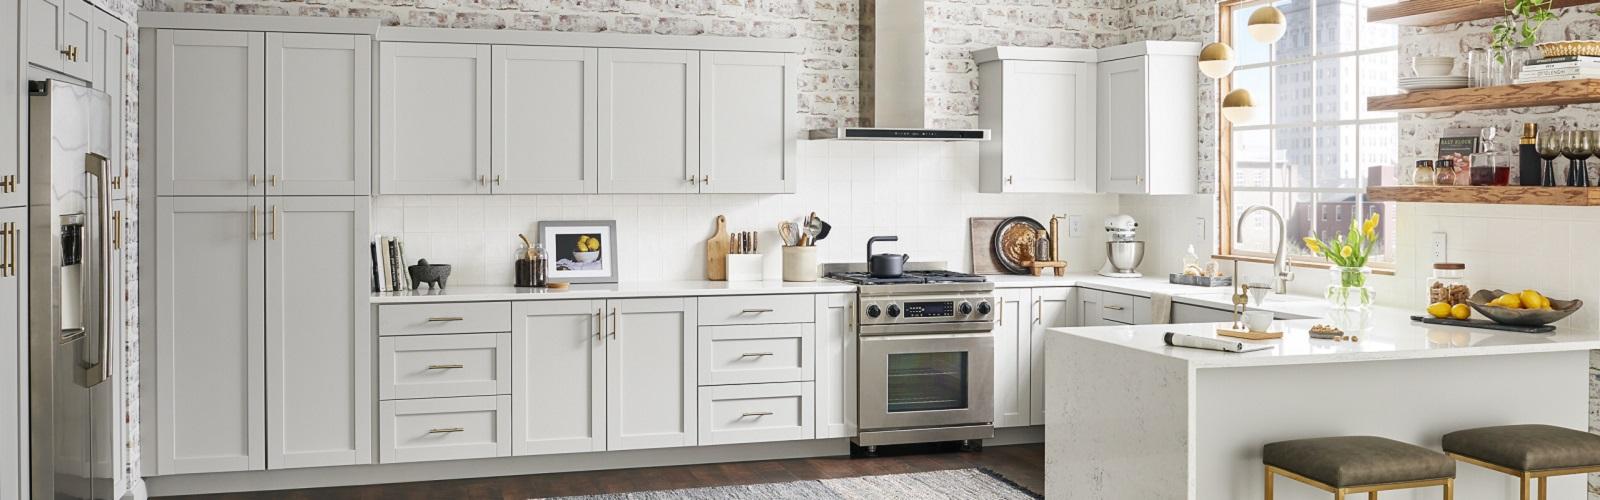 Wolf Endeavor White Kitchen Cabinets